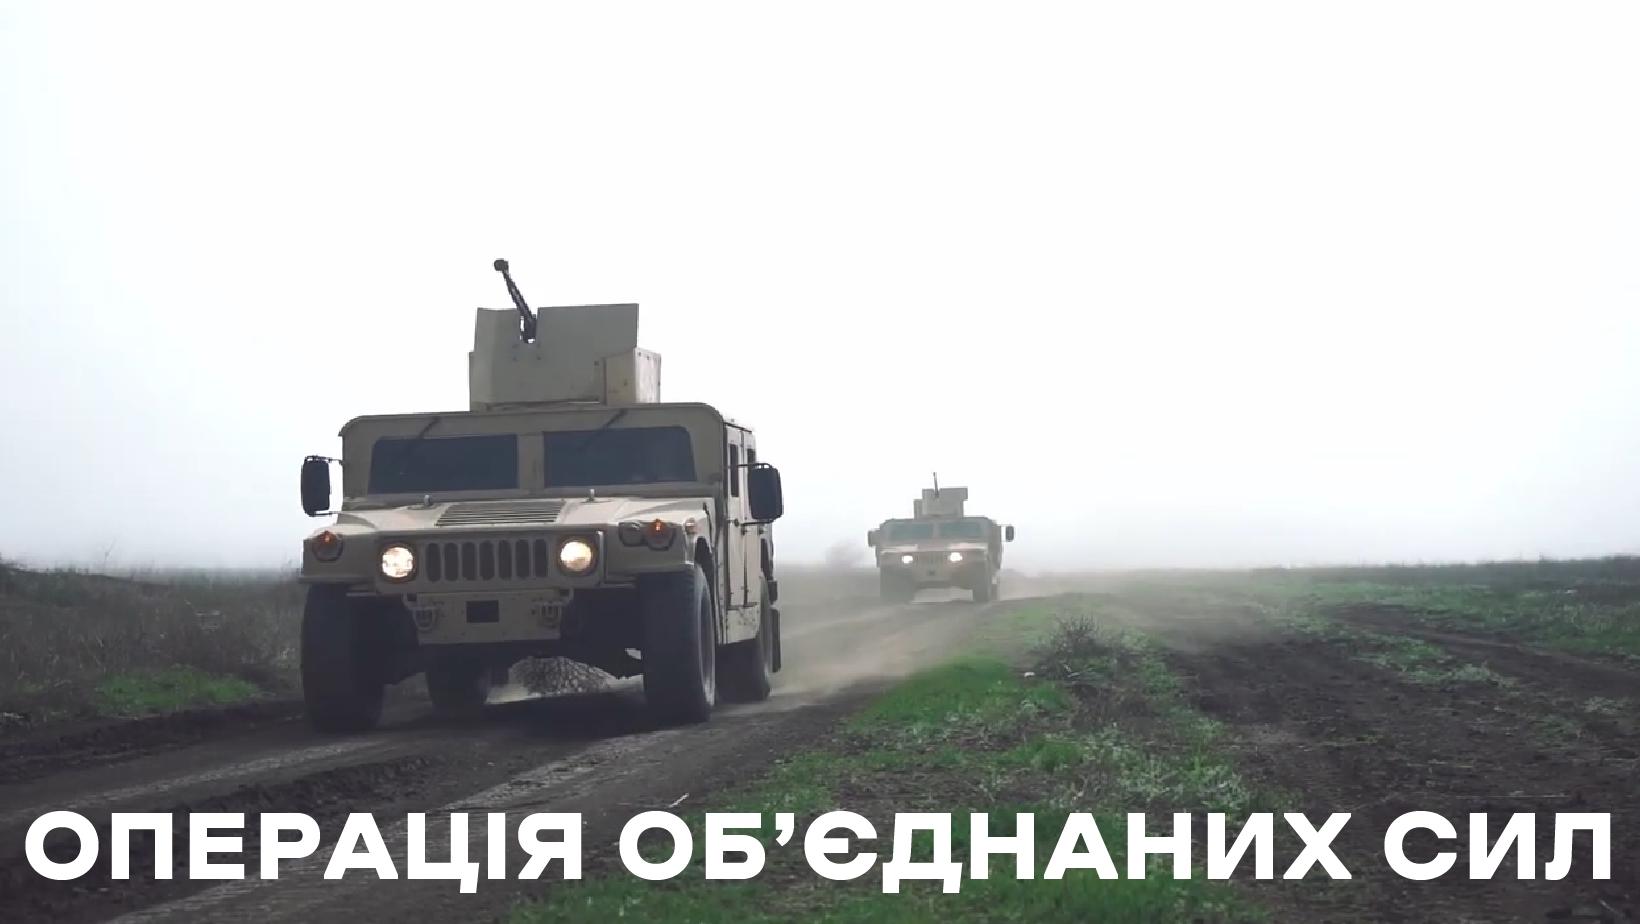 Операция на Донбассе: ранен украинский военный